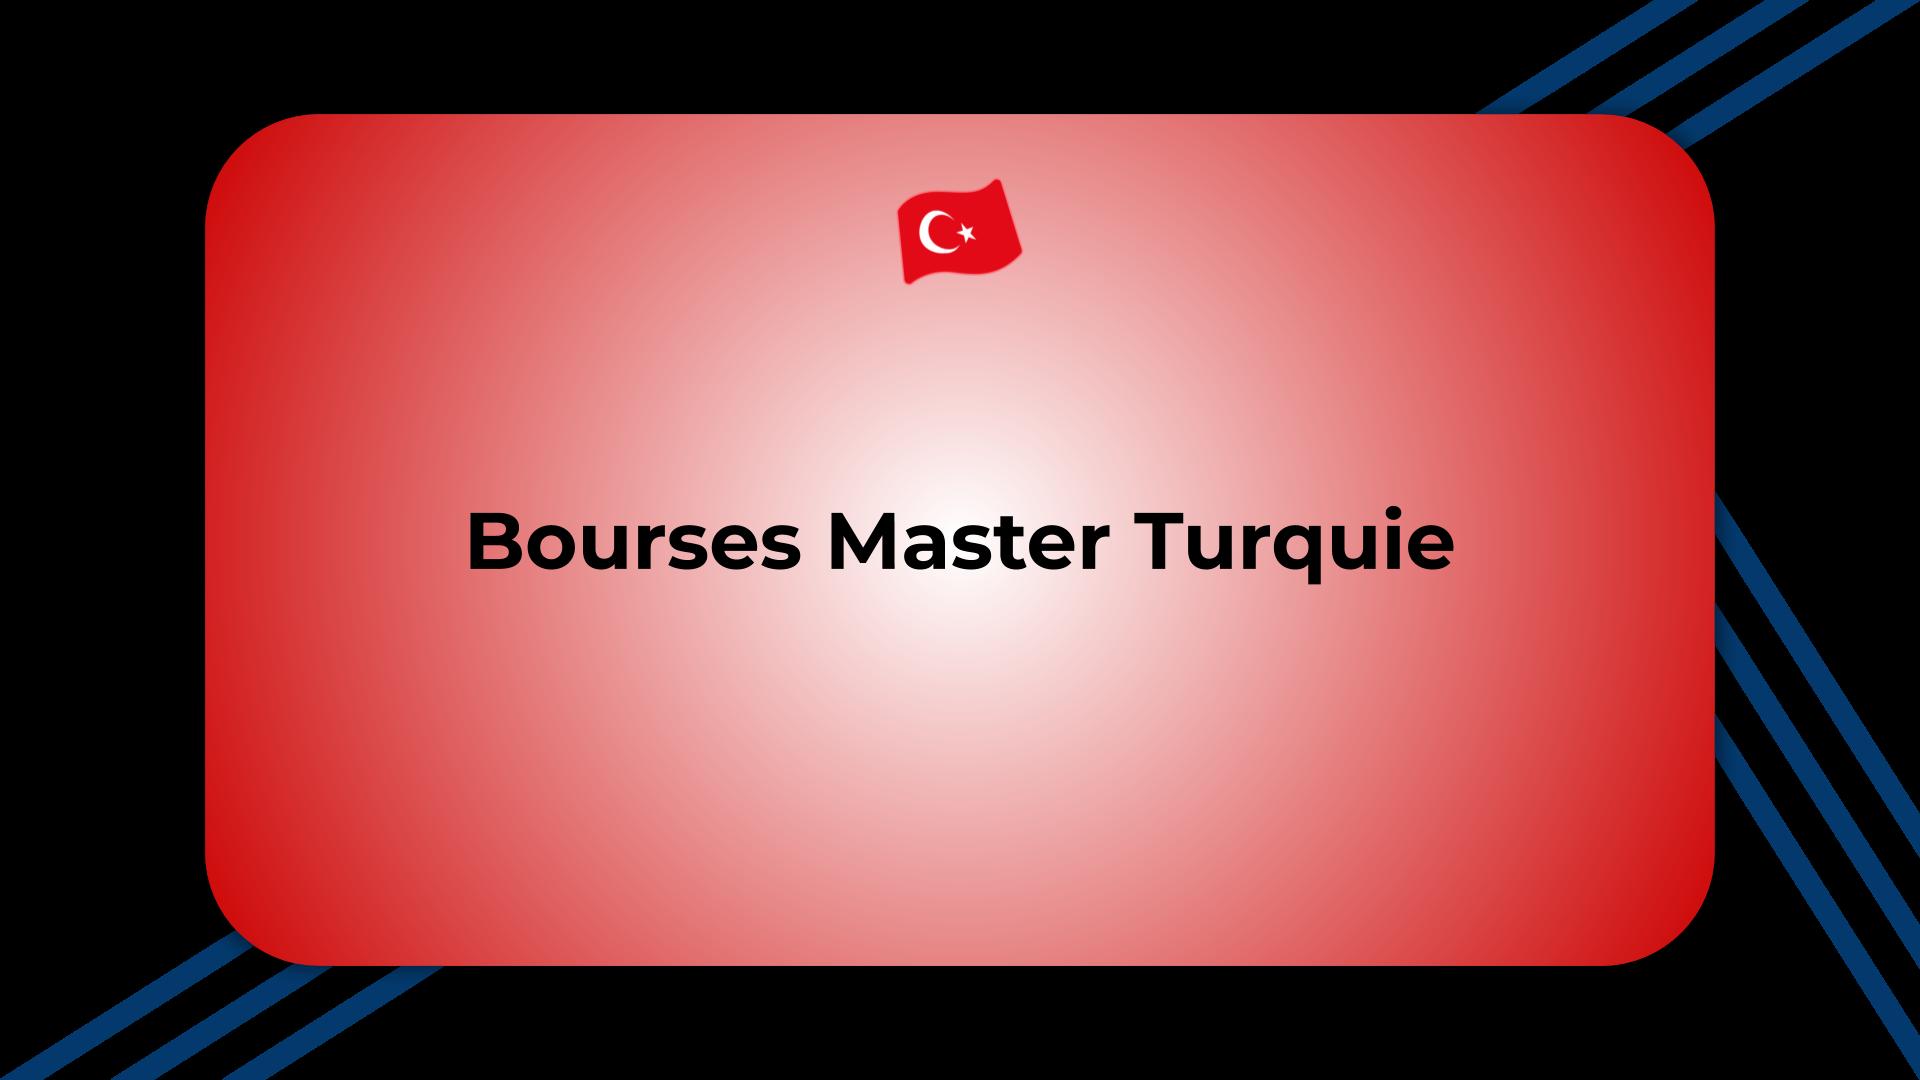 Bourses Master Turquie